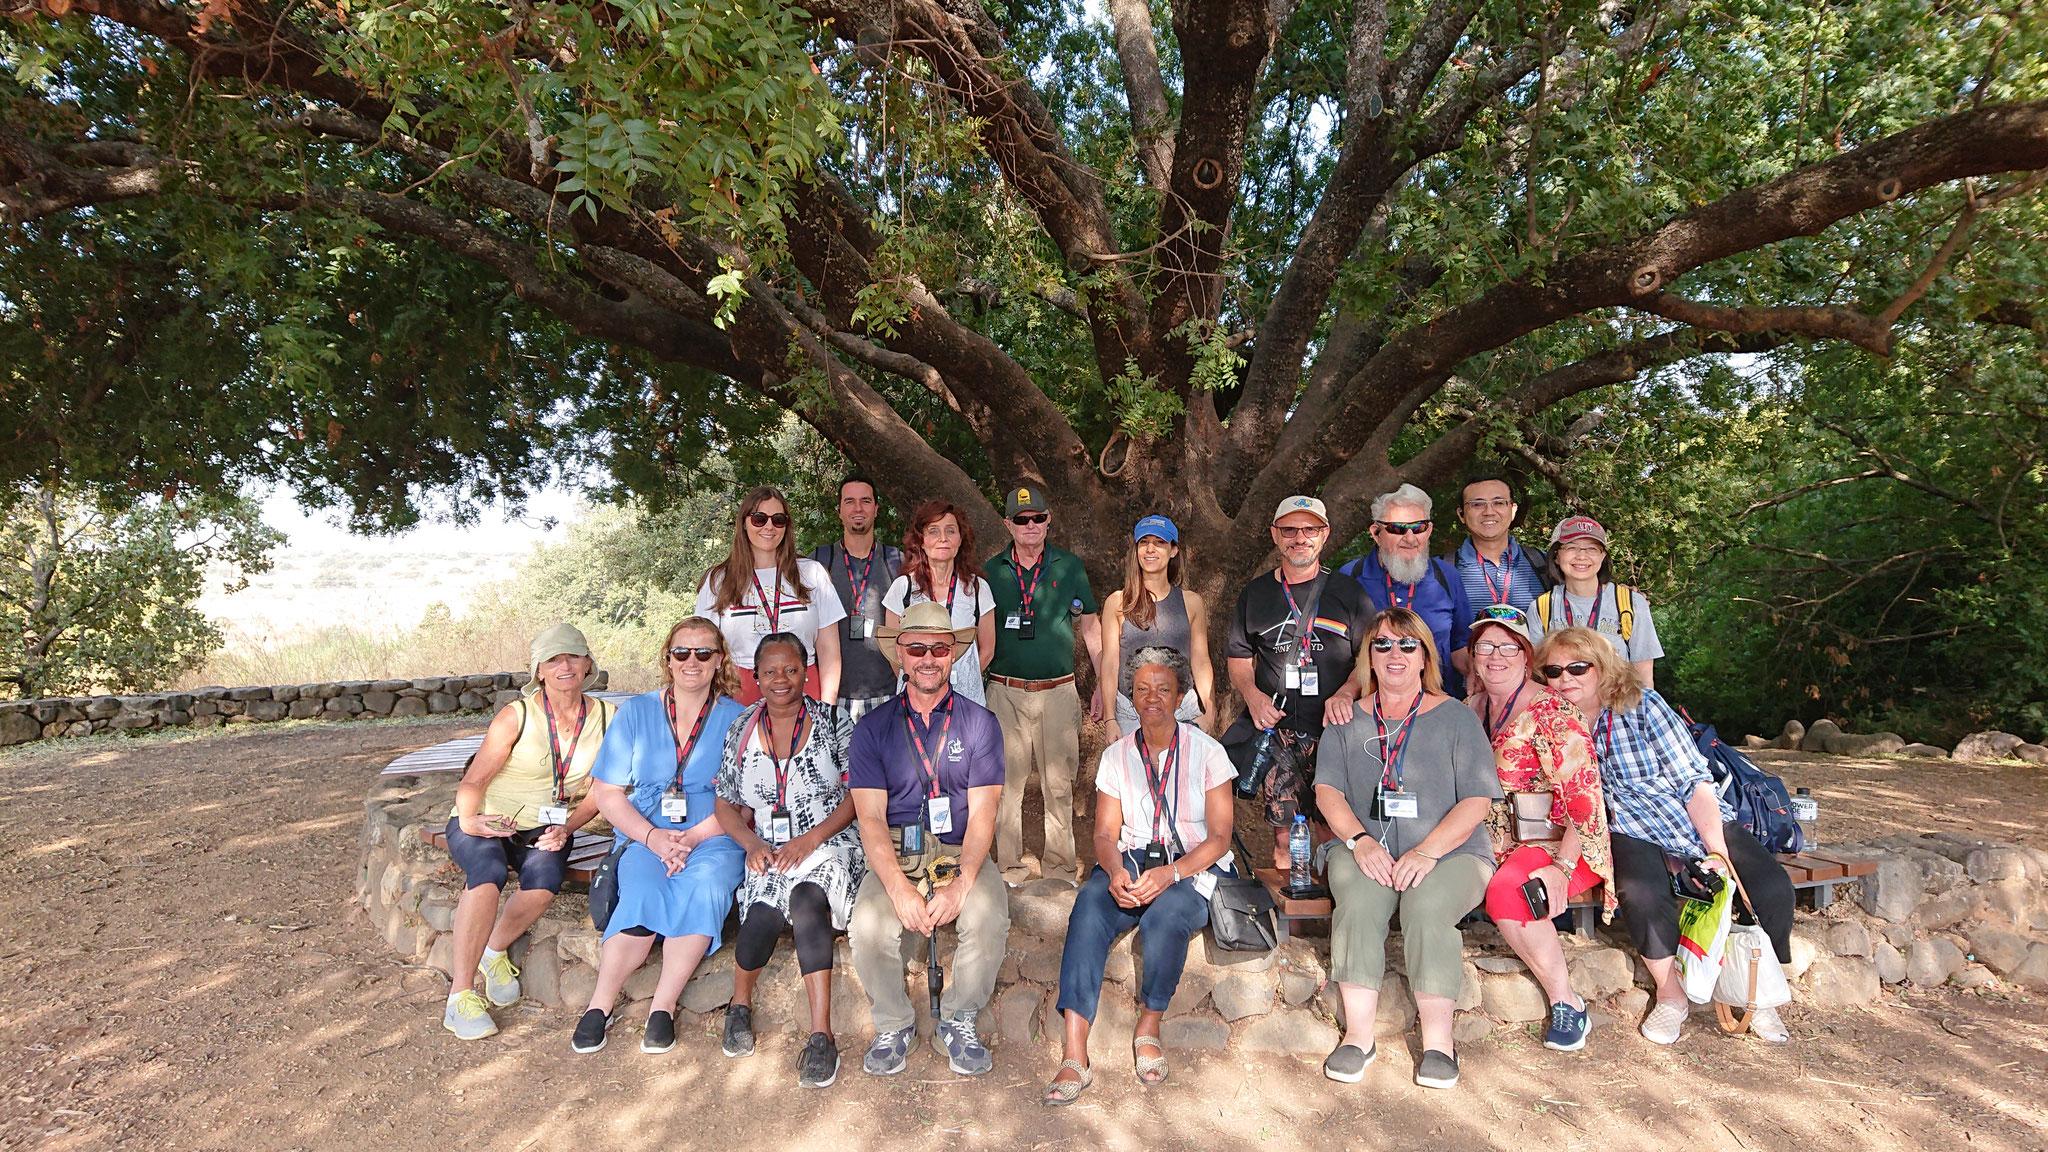 In Tel Dan National Park